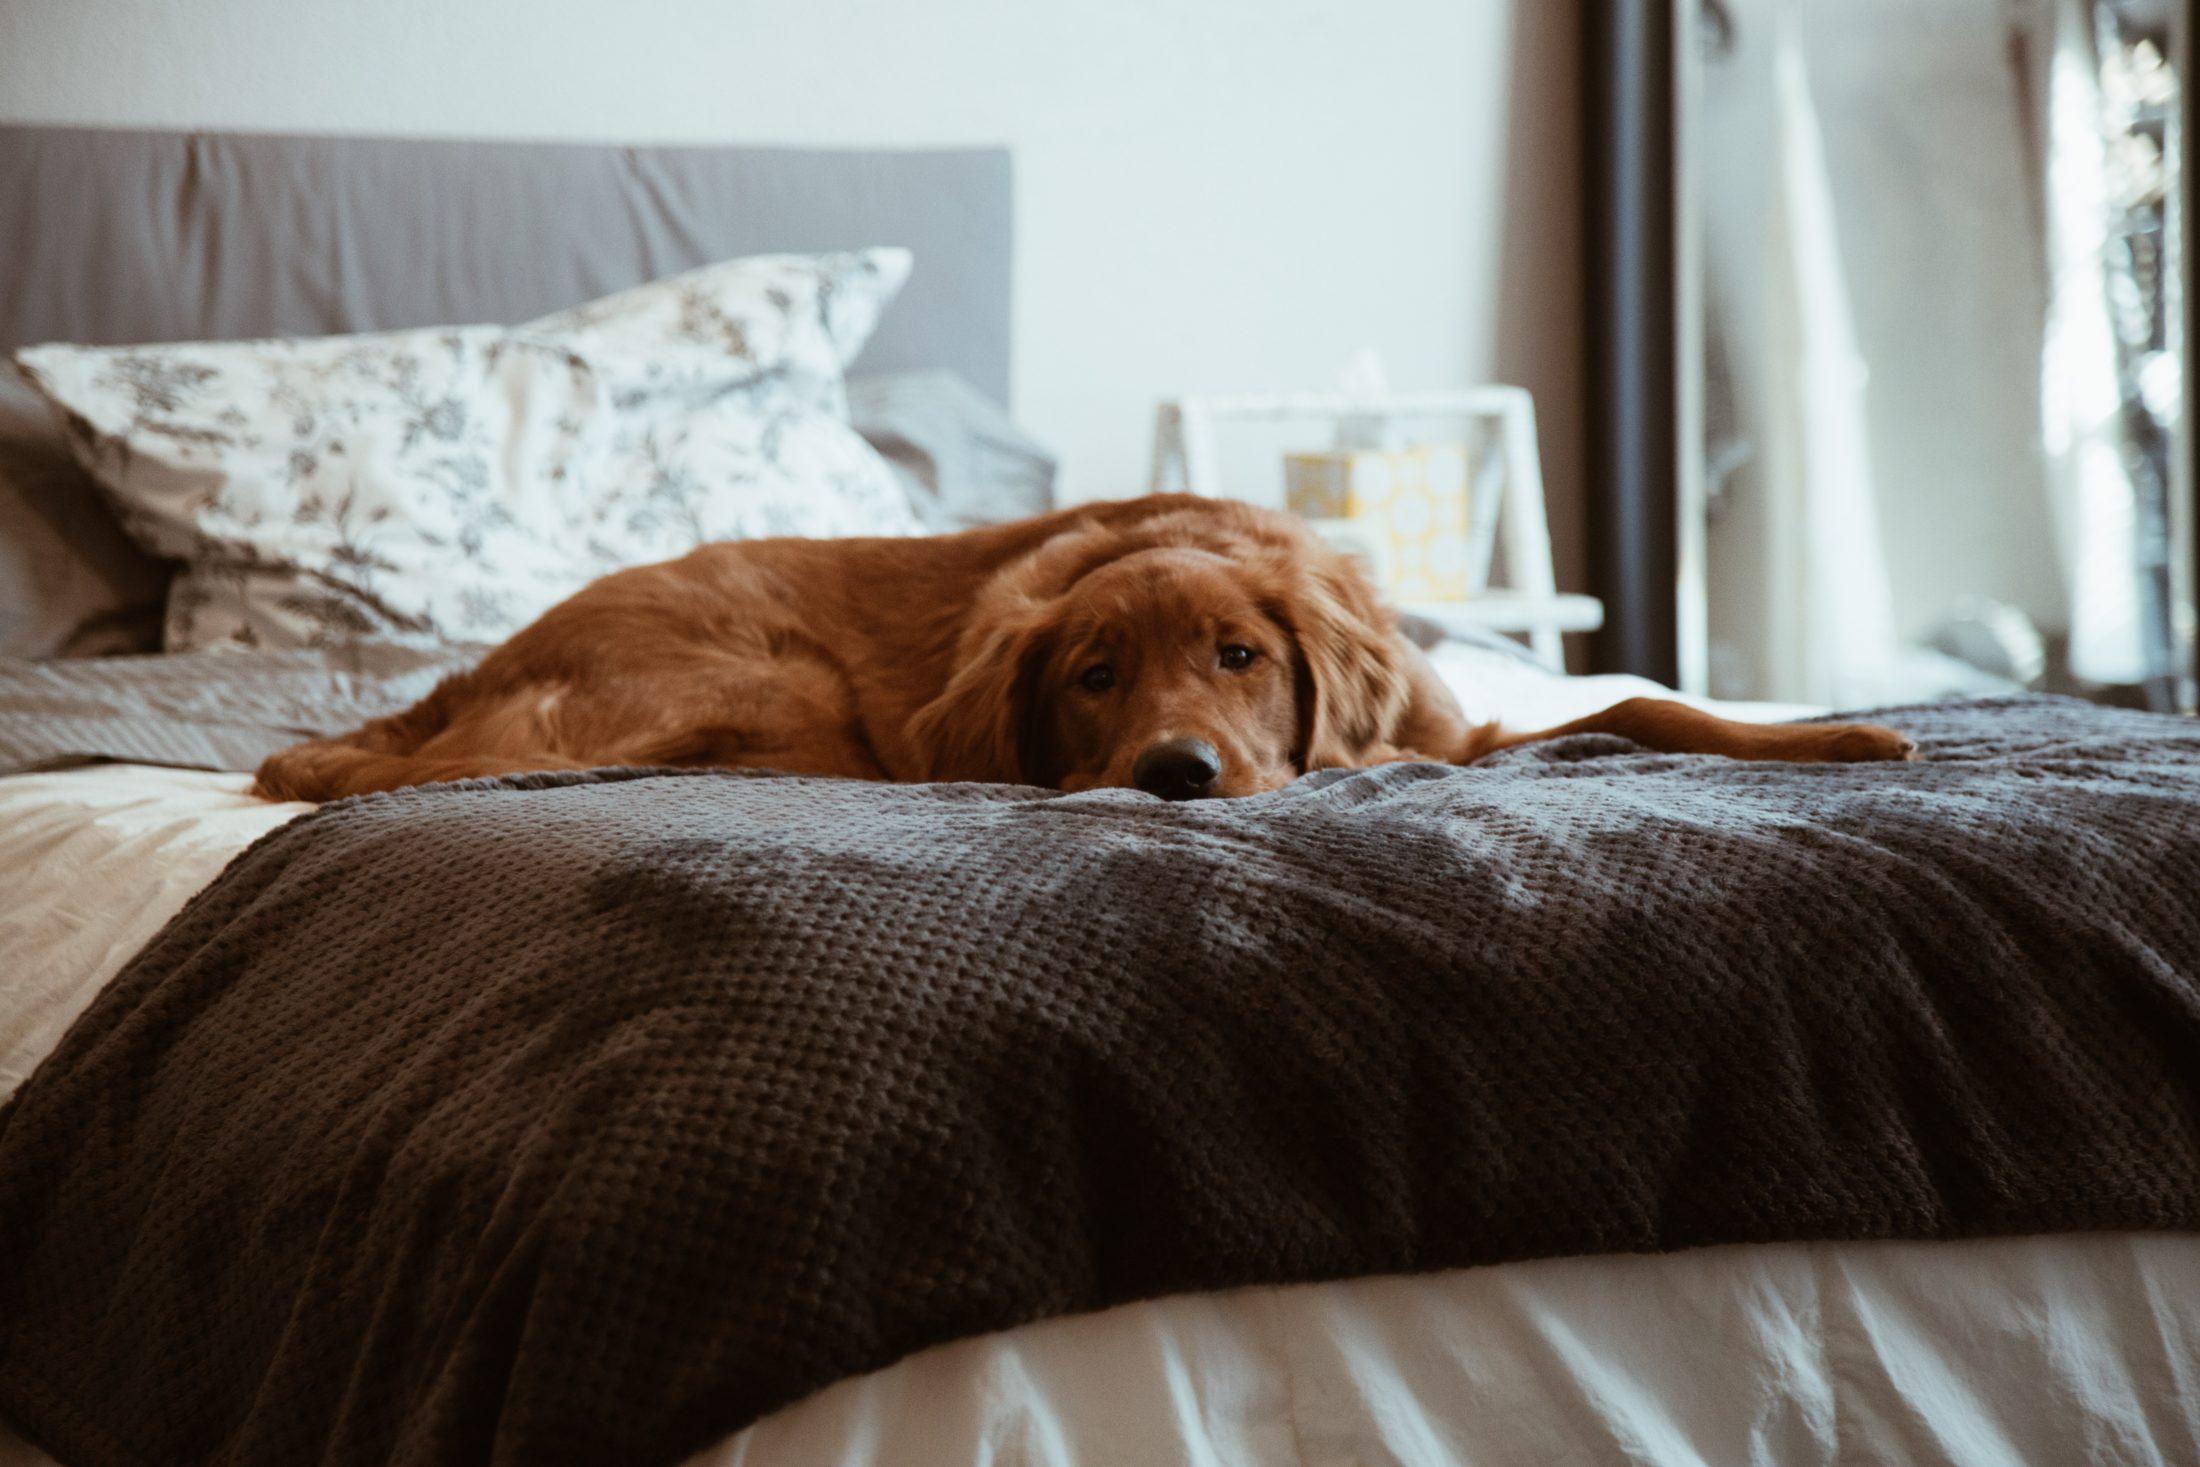 O calmante para cachorro deve ser usado quando não há outras alternativas ou em situações extremas.